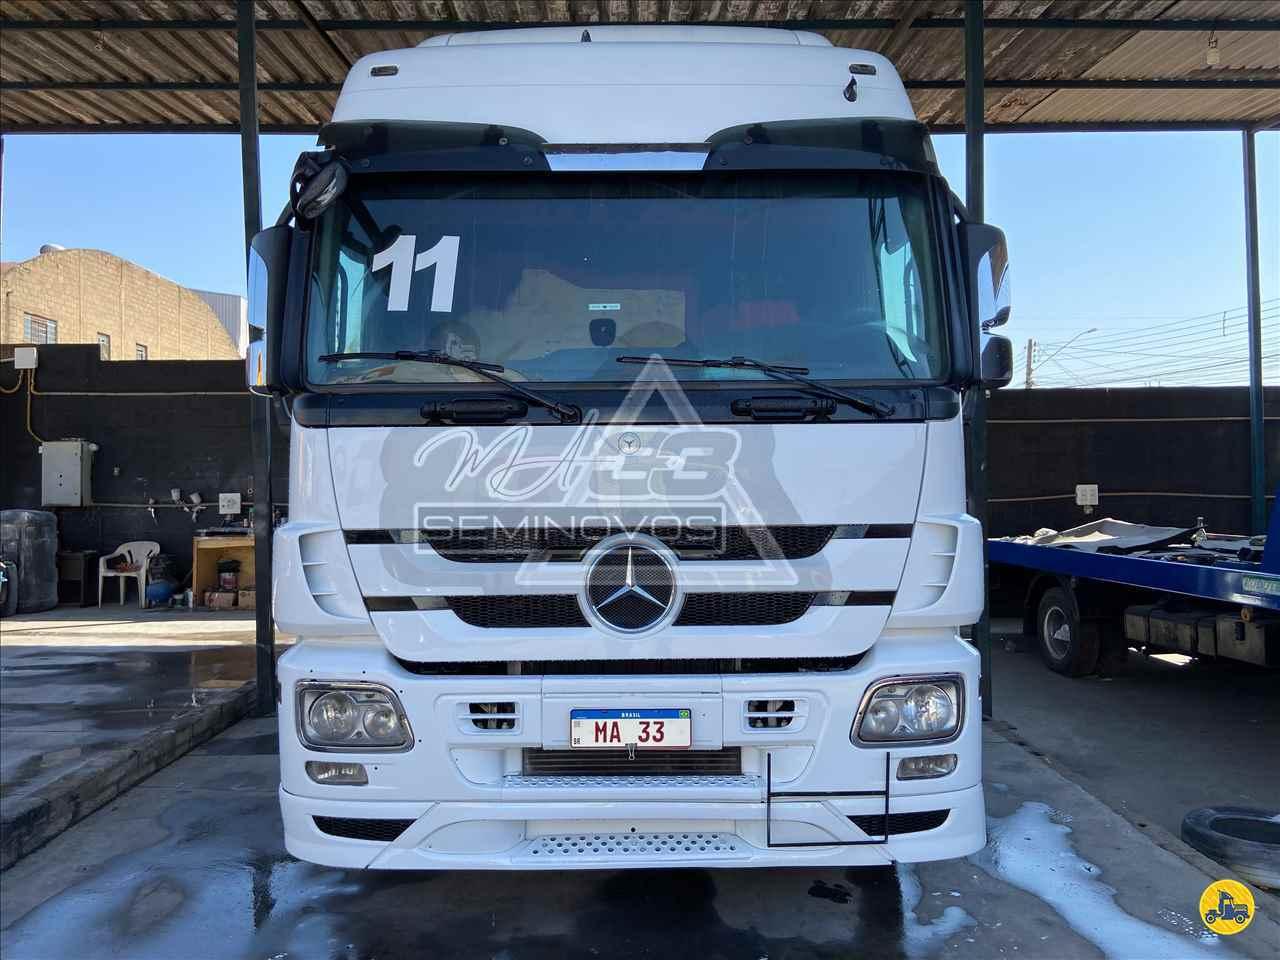 CAMINHAO MERCEDES-BENZ MB 2546 Cavalo Mecânico Truck 6x2 MA 33 Seminovos SUMARE SÃO PAULO SP